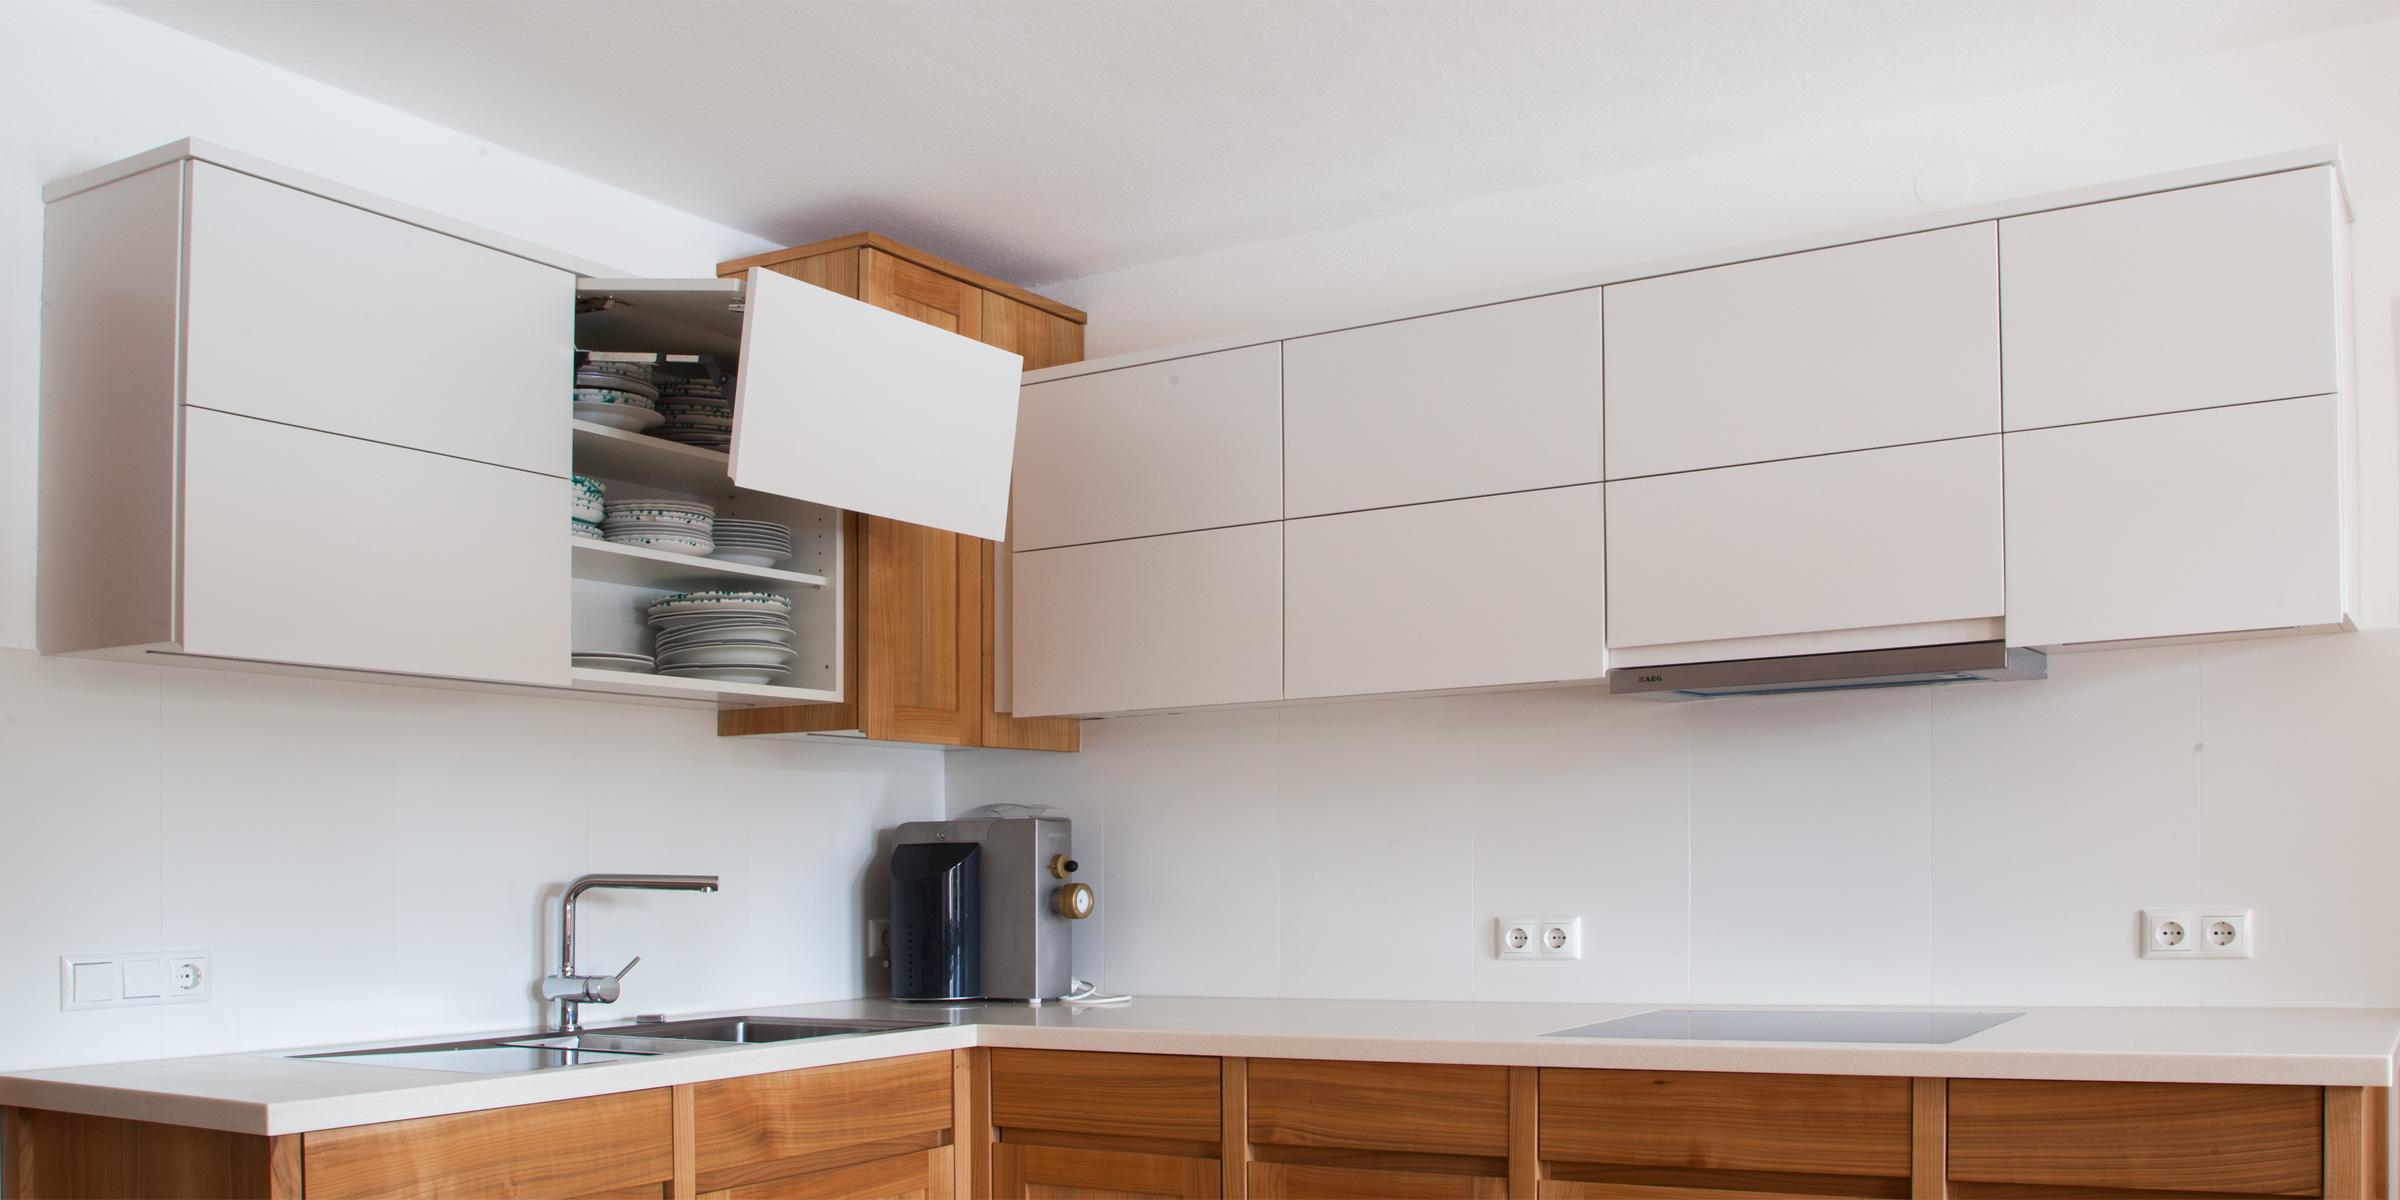 in (hauseigener) Kirsch  - massiv, matt lackiert kombiniert mit weiß lackiertem Oberbau u. Vorratszentrum Arbeitsplatte - CORIAN_Hans Hummer Tischler Innenausbau